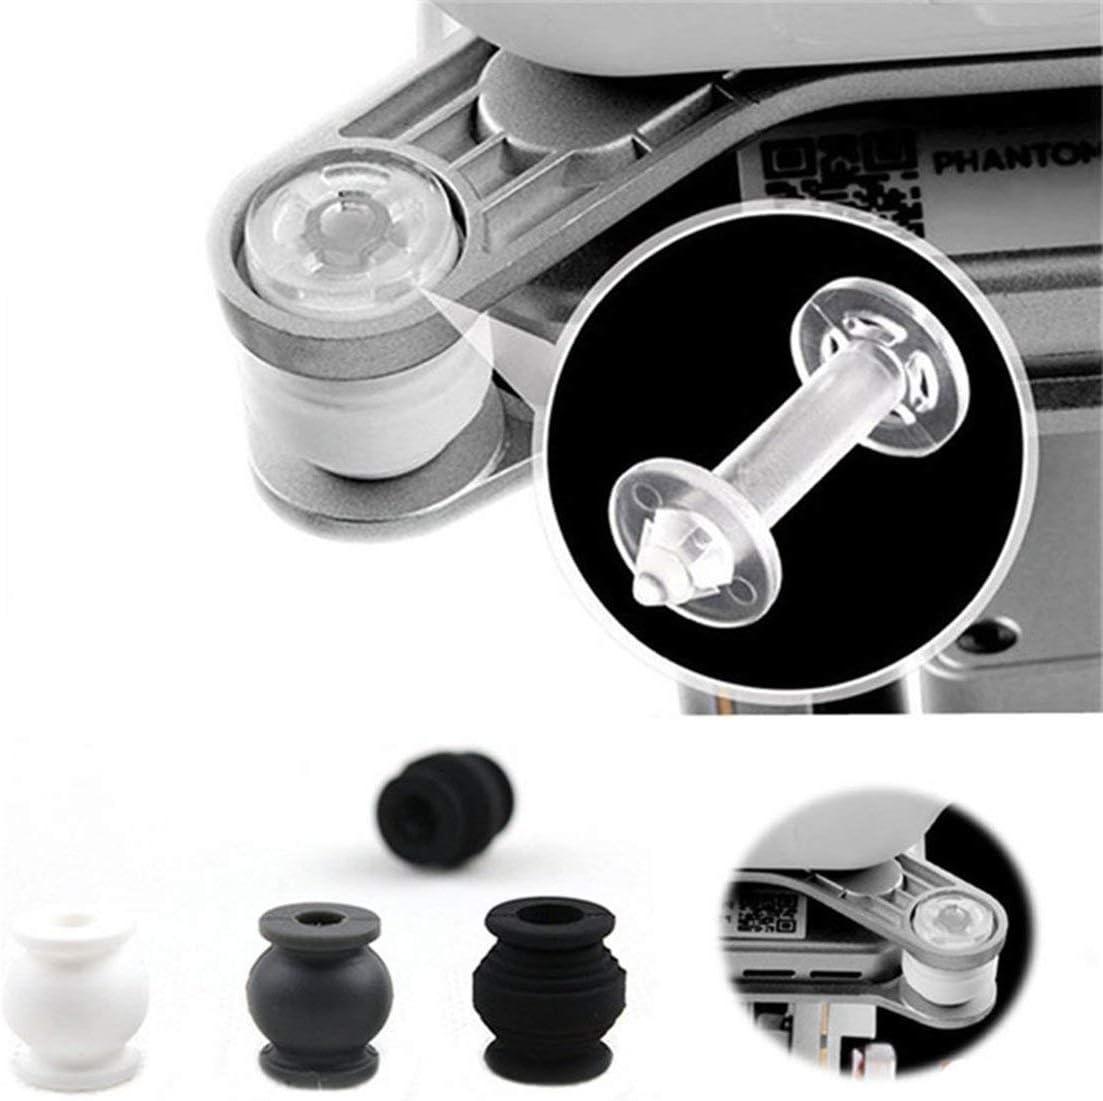 Boules en caoutchouc damortissement dabsorption de choc de cam/éra Kit anti-chute pour DJI Phantom 3 Standard Professional AdvancedWhite//Transparent